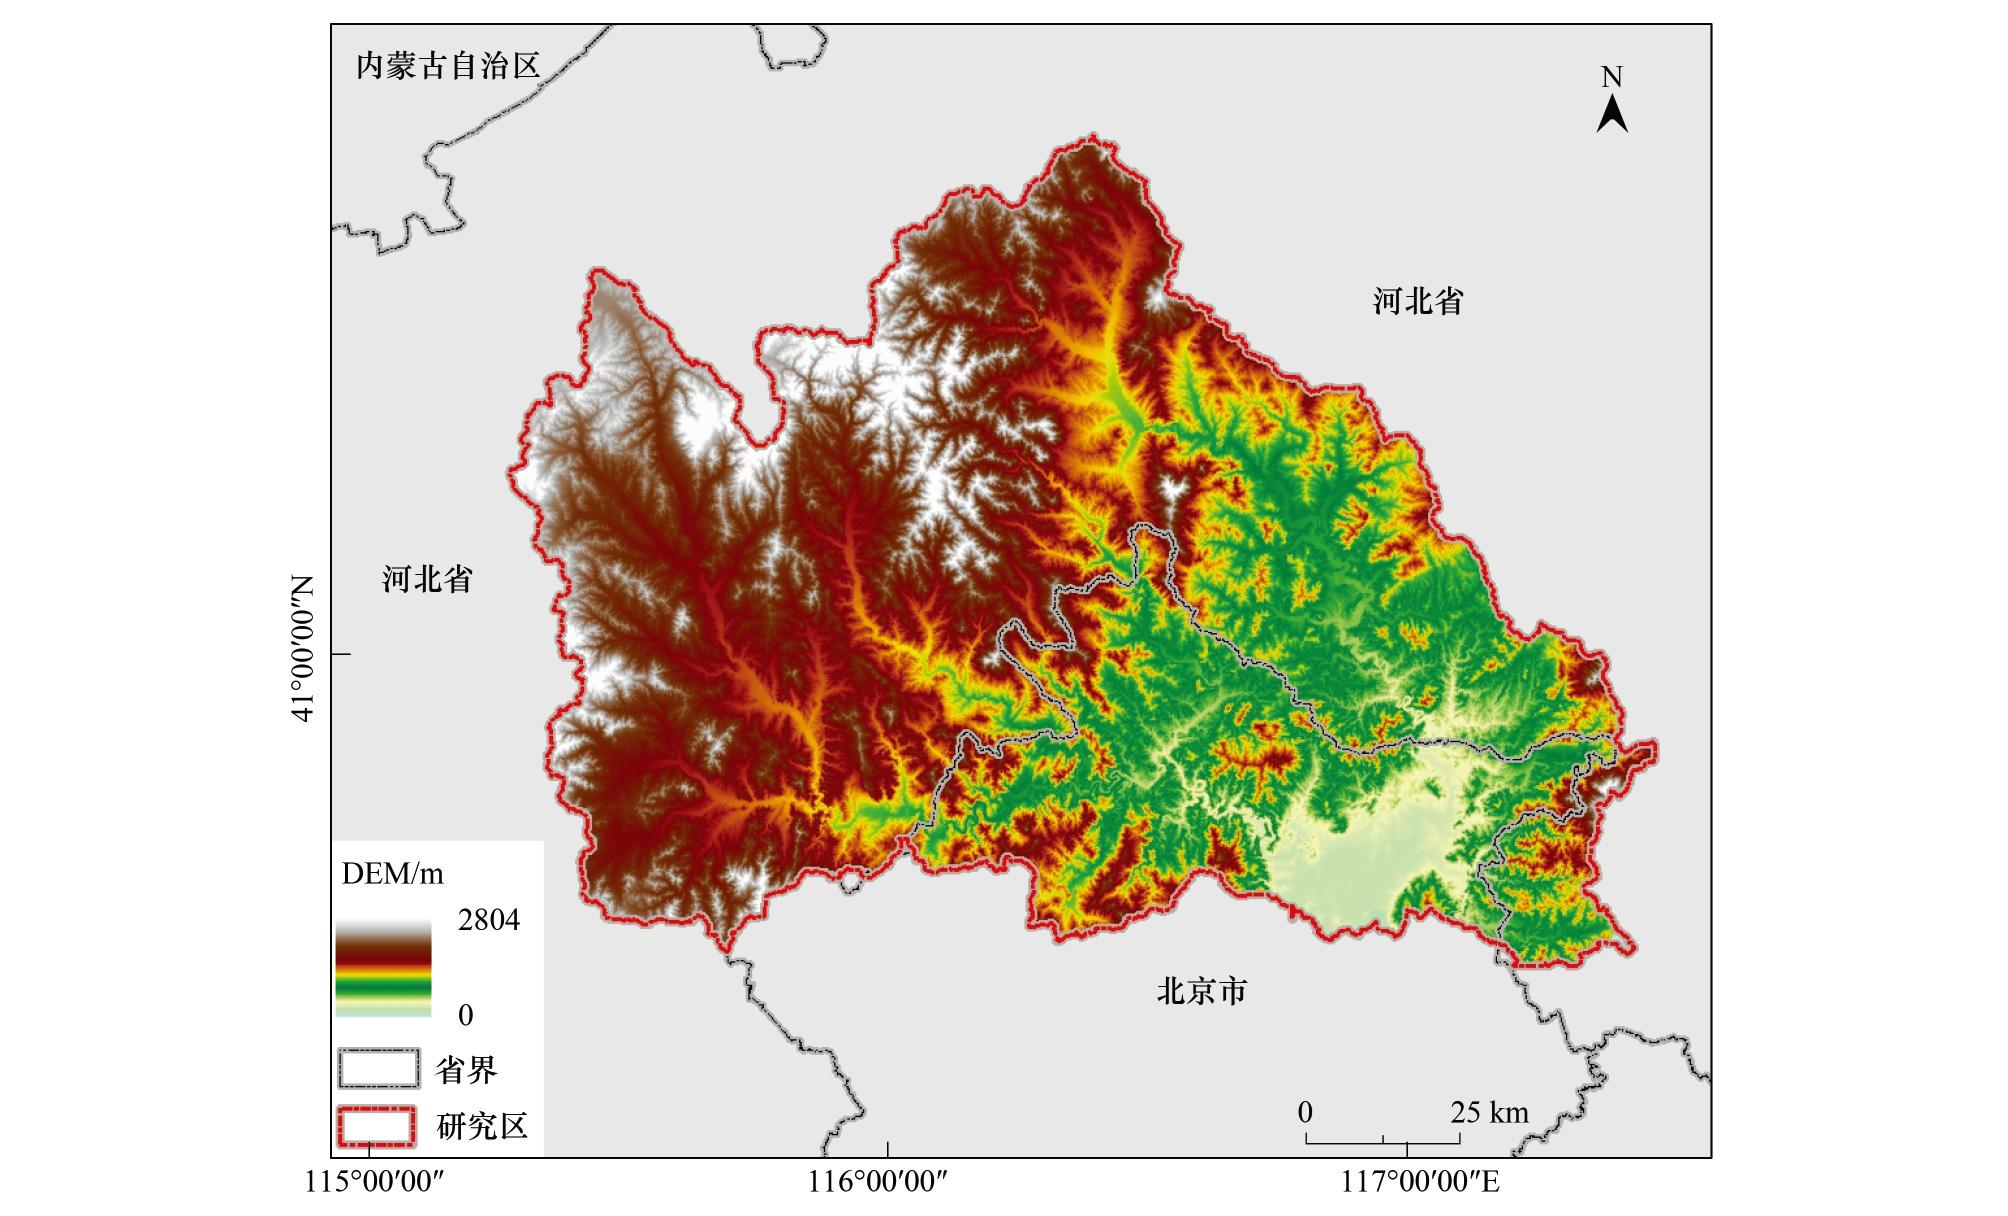 (1)常绿针叶林识别 北方山区的常绿植被一般为常绿针叶林,冬季或者初春时期,只有常绿植被会在遥感影像中反映出植被信息,NDVI较高。因此在该作业块内,本文收集了冬季的HJ-1影像,将NDVI大于0.1的区域设置为常绿针叶林。 (2)耕地识别 密云水库上游地区受到退稻还旱政策影响,耕地中不存在水田,只有旱地类型。北方地区的旱地在春季农作物还未播种或者刚播种还未出苗时,影像特征显示为裸地,而在夏季农作物正处在茂盛期,影像特征与林地较为相似。本文采用两景不同时期(春季和夏季)的HJ-1影像来识别研究区的耕地,